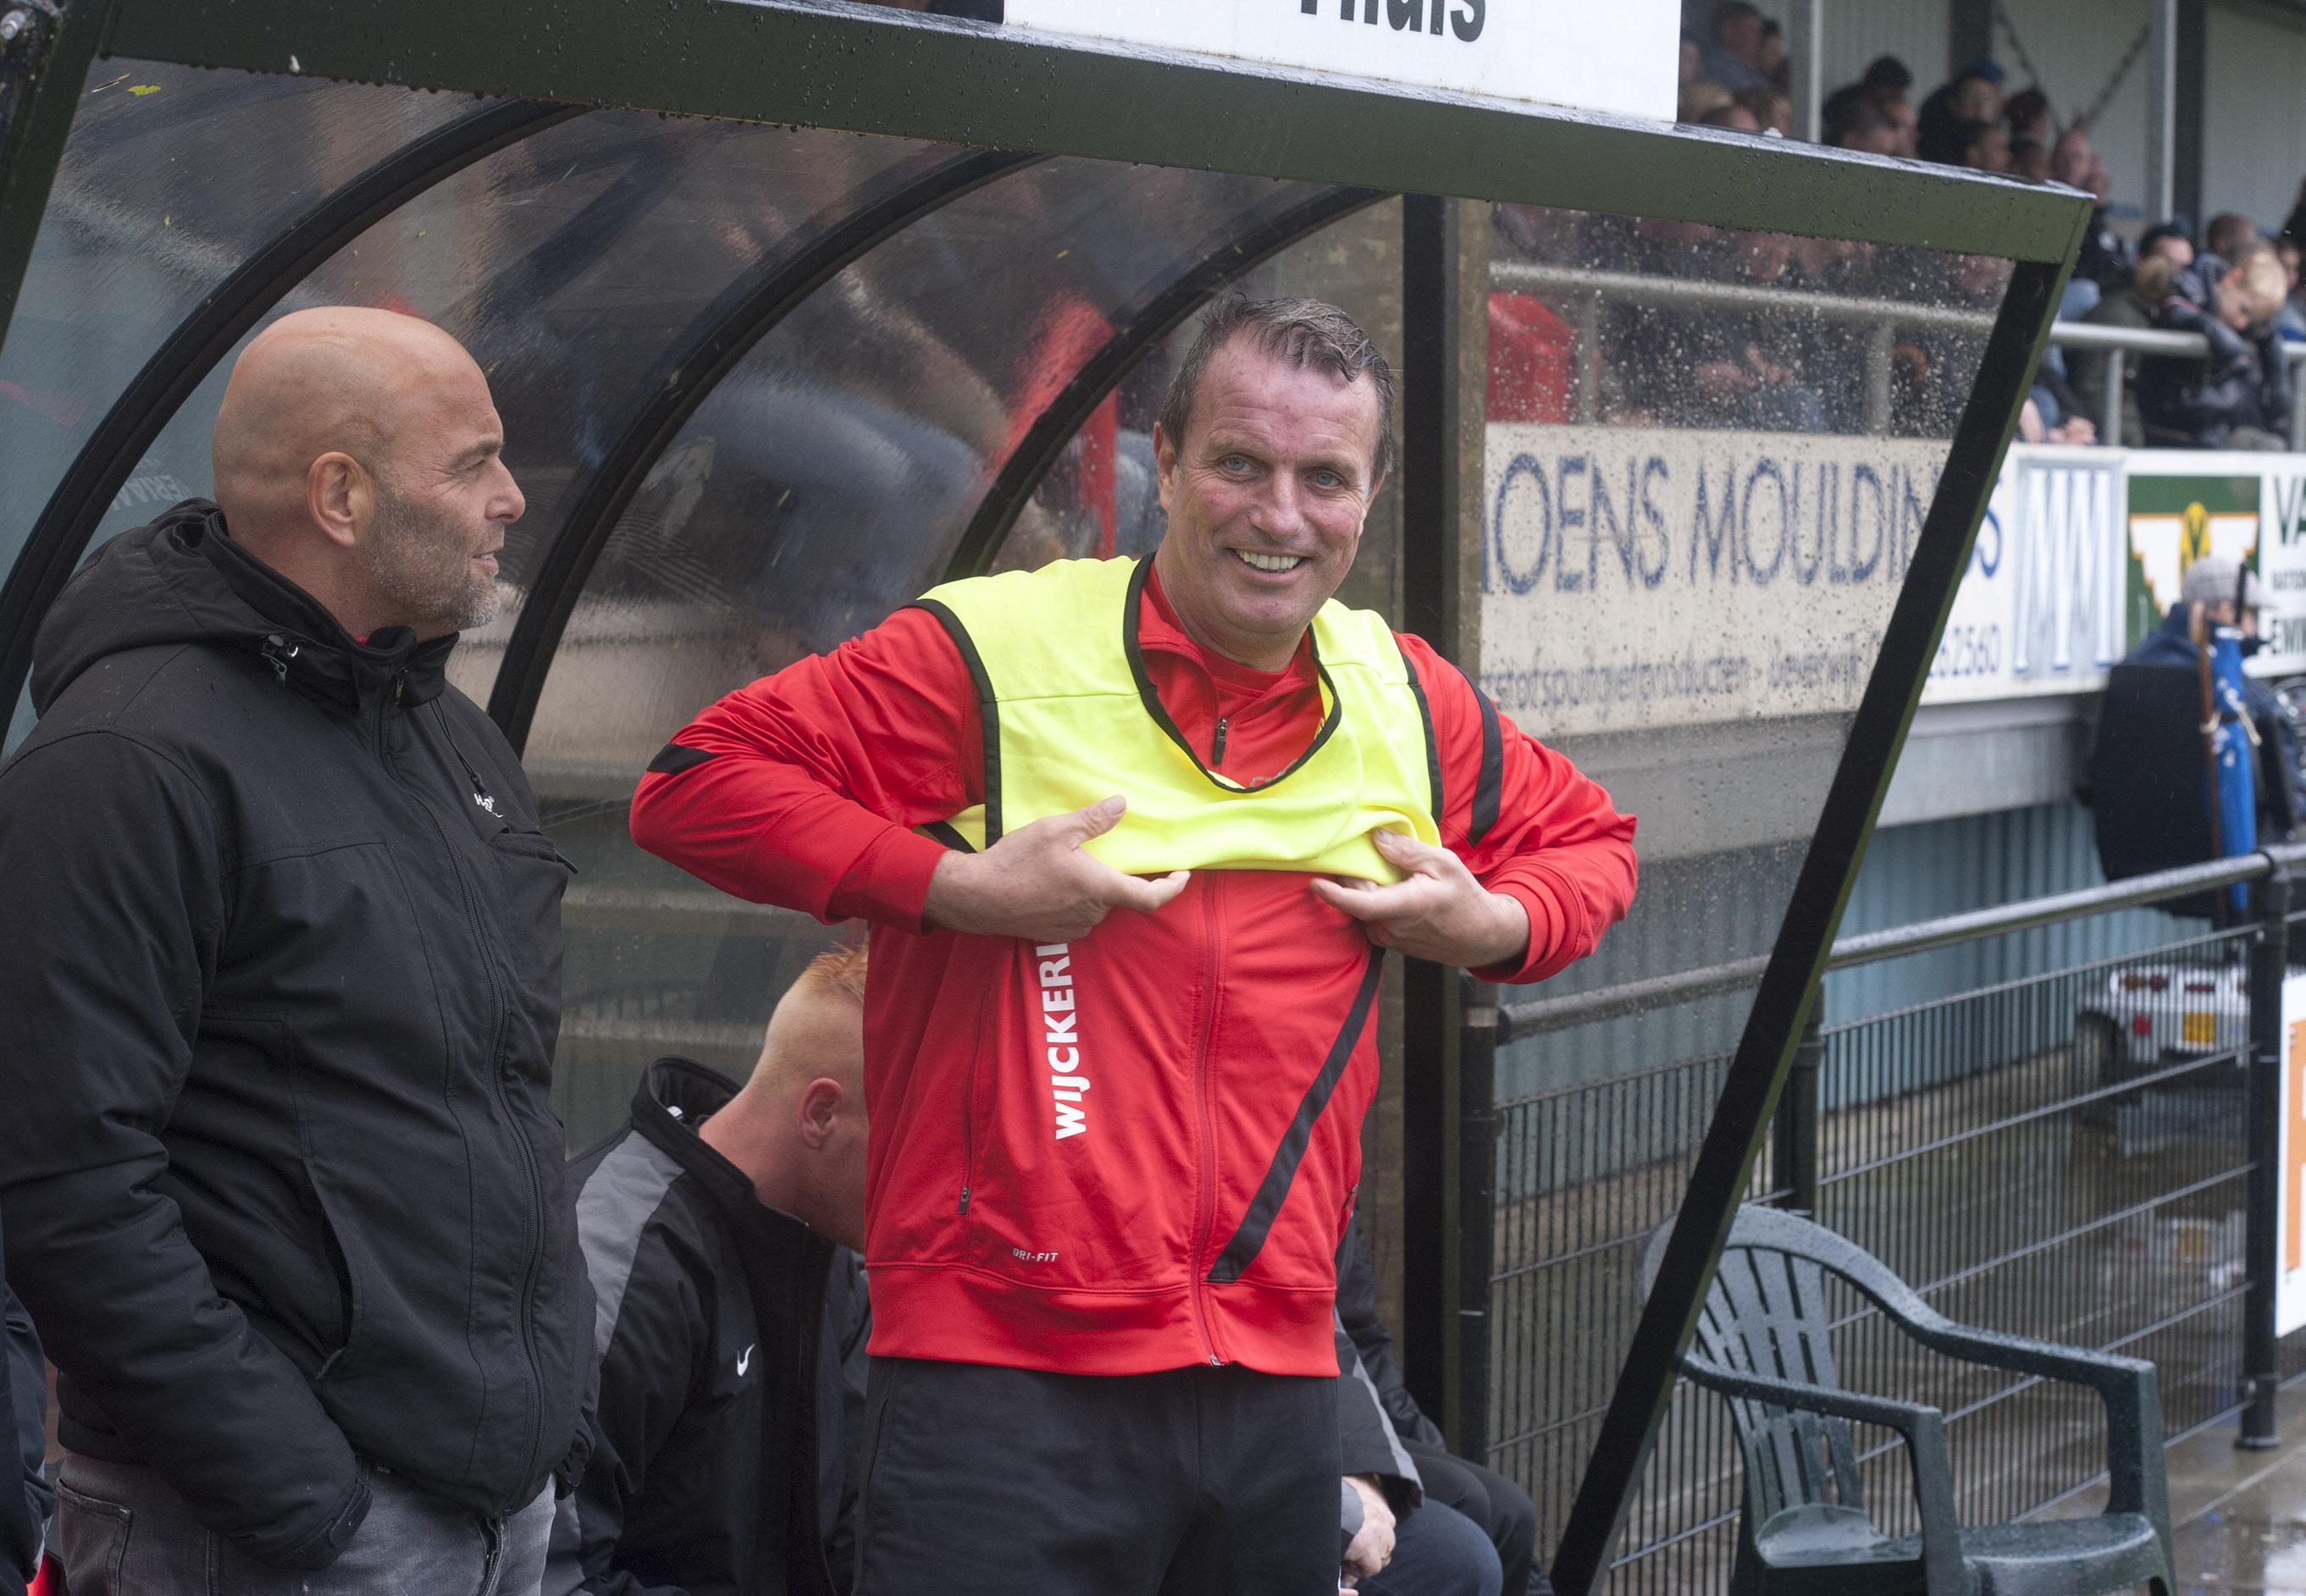 Voetballers van De Kennemers in Beverwijk zijn hun 'loopie' naar de voetbalclub kwijt, verzucht Ramon van der Vaart